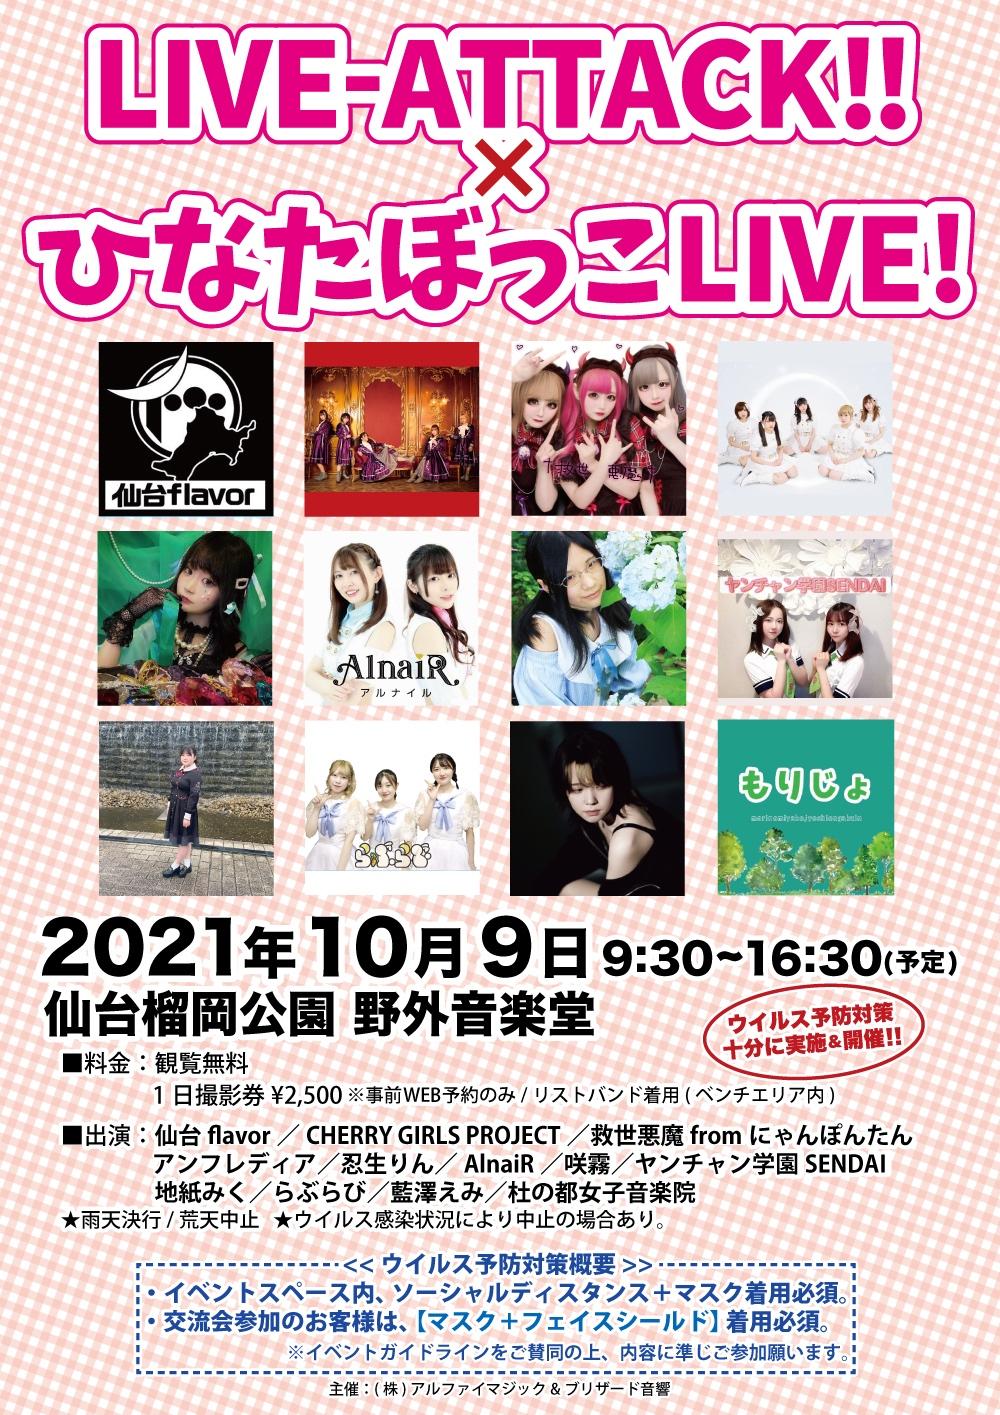 『LIVE-ATTACK!!×ひなたぼっこLIVE!』